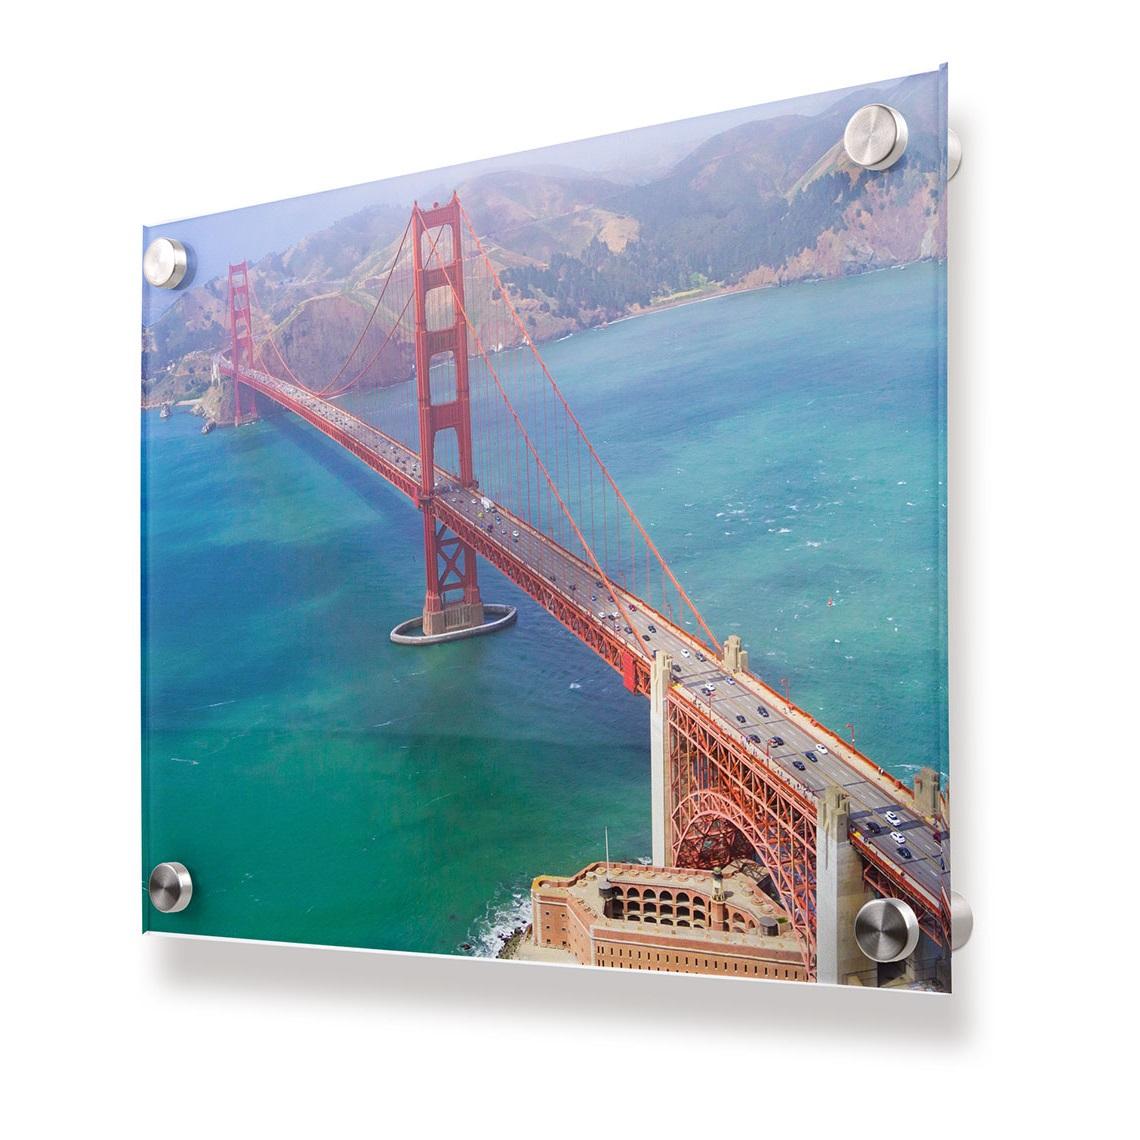 Les photos ont une apparence 3D quand on les imprime sur Plexiglas.